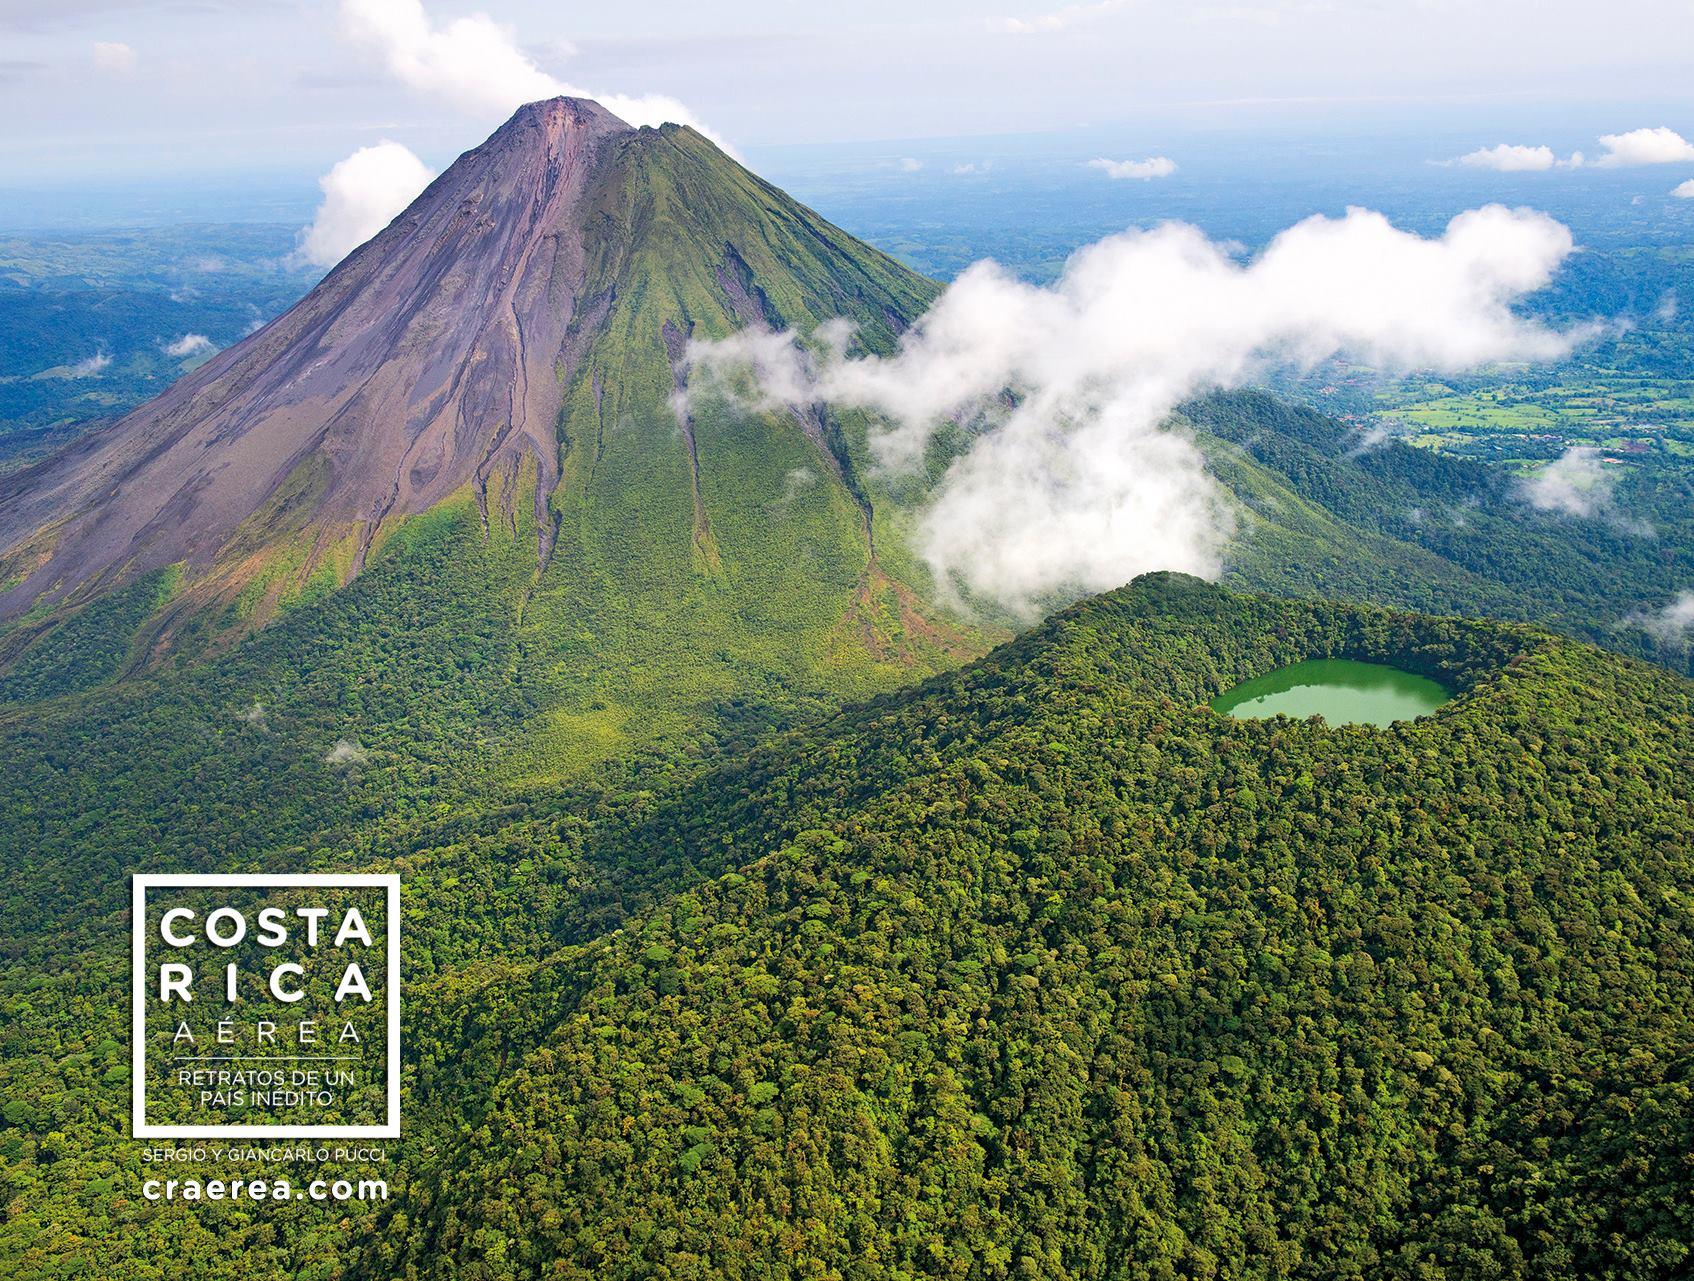 Cerro Chato y Volcán Arenal. Foto de Costa Rica Aérea